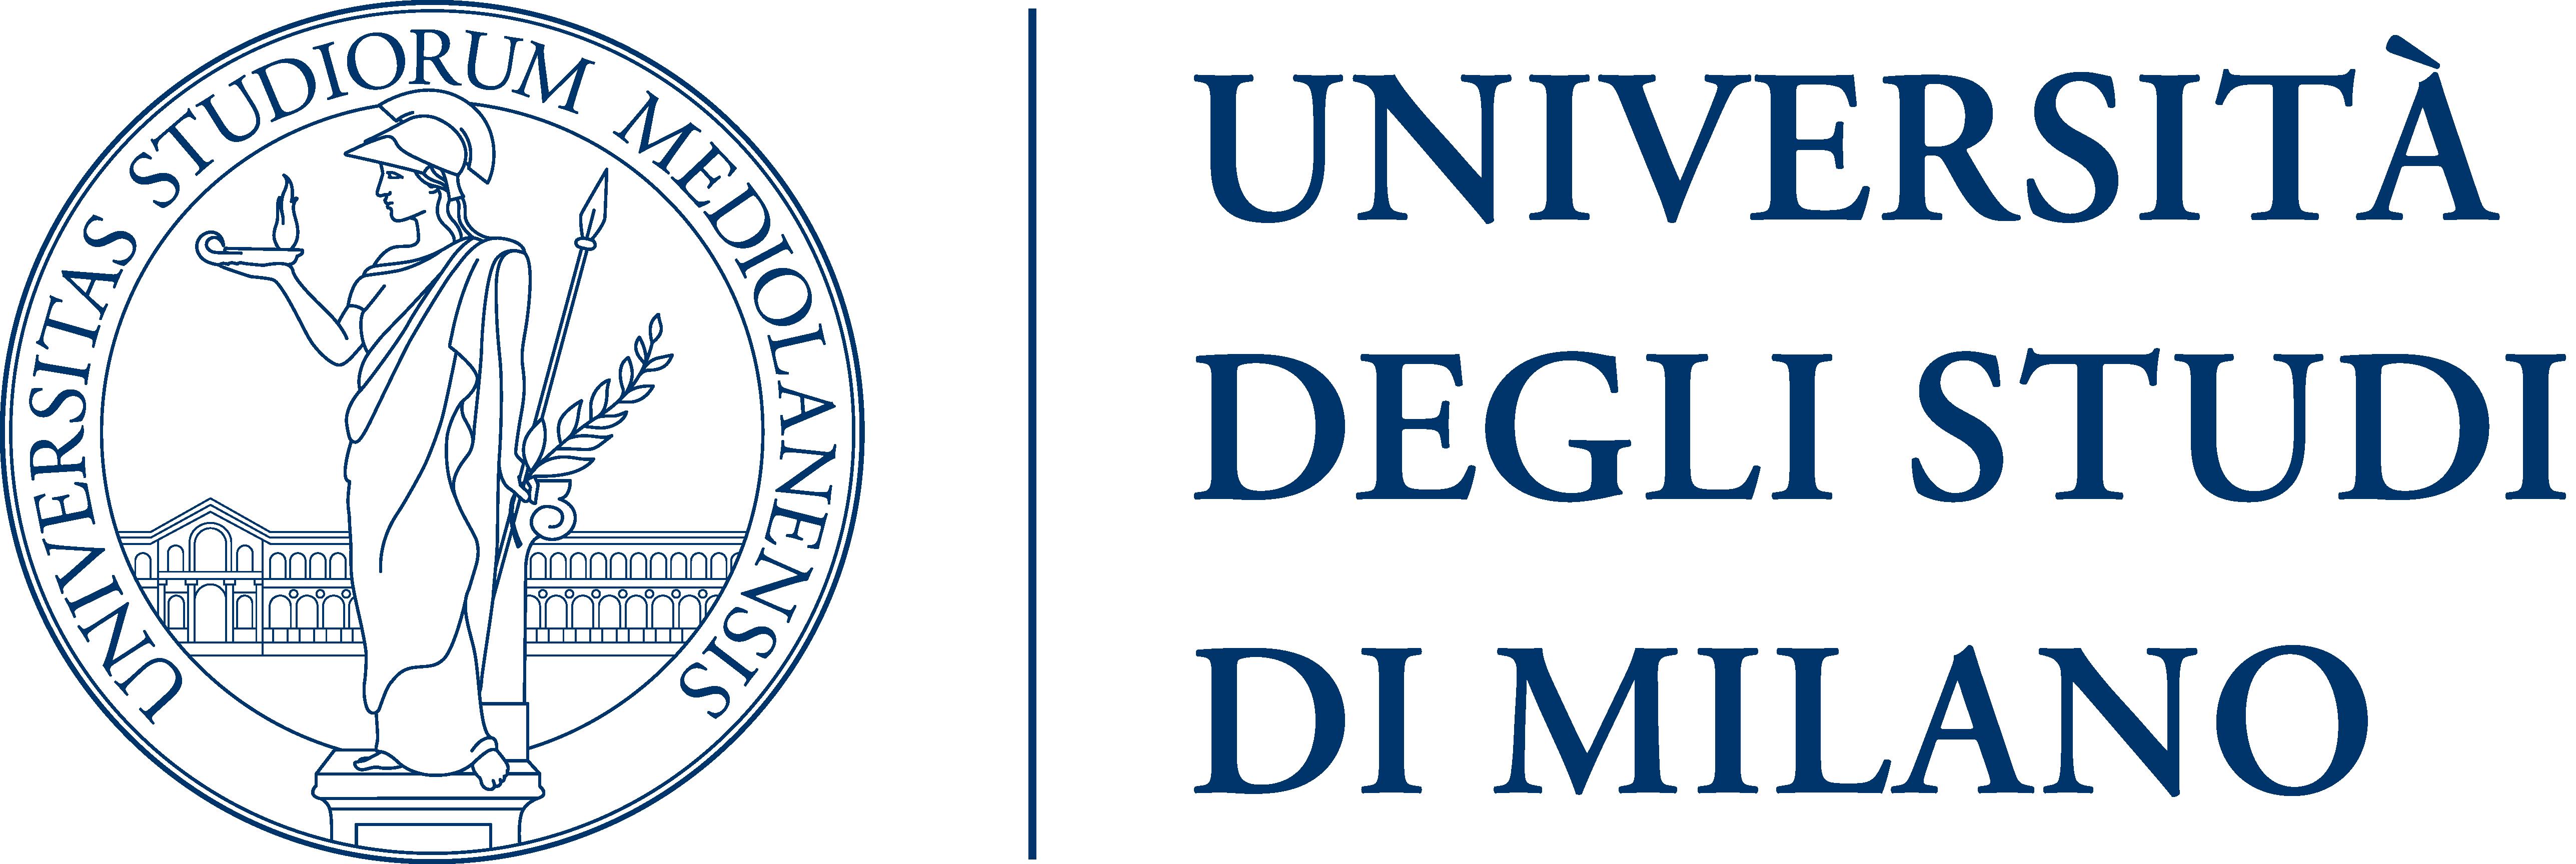 Risultati immagini per unimi logo